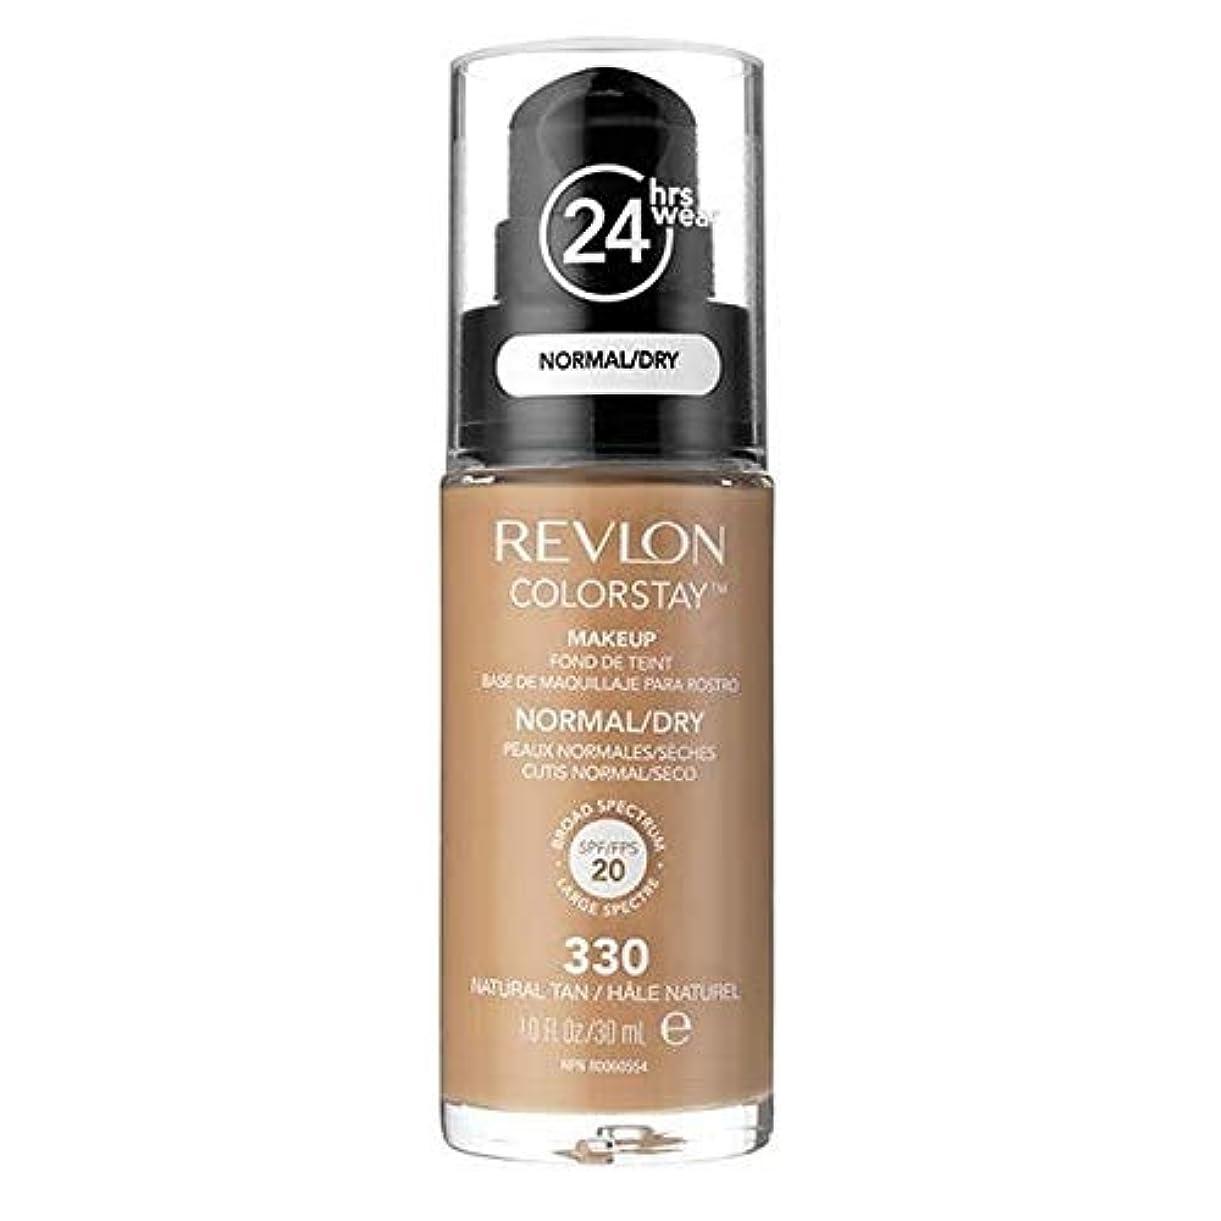 小道狼好色な[Revlon ] レブロンカラーステイ基盤ノルム/ドライNat日焼け30ミリリットル - Revlon Color Stay Foundation Norm/Dry Nat Tan 30ml [並行輸入品]